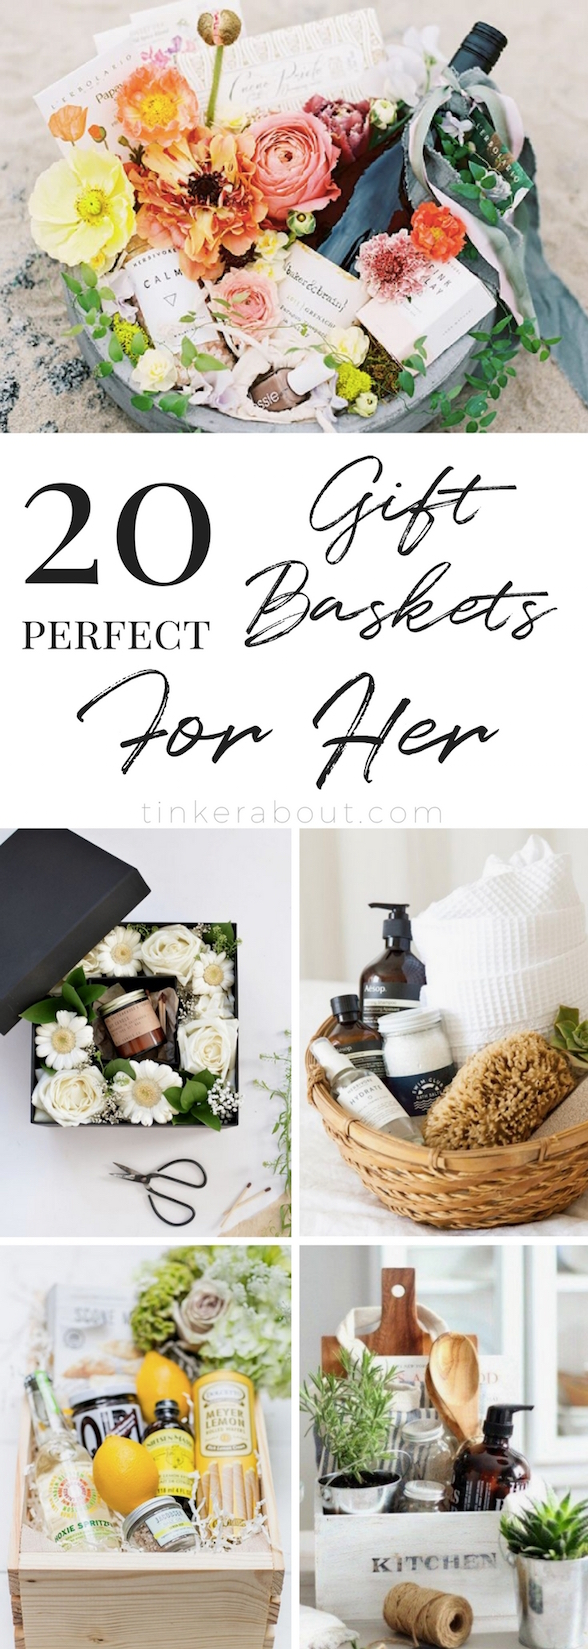 20 Gorgeous & Unique DIY Gift Basket Ideas for Women